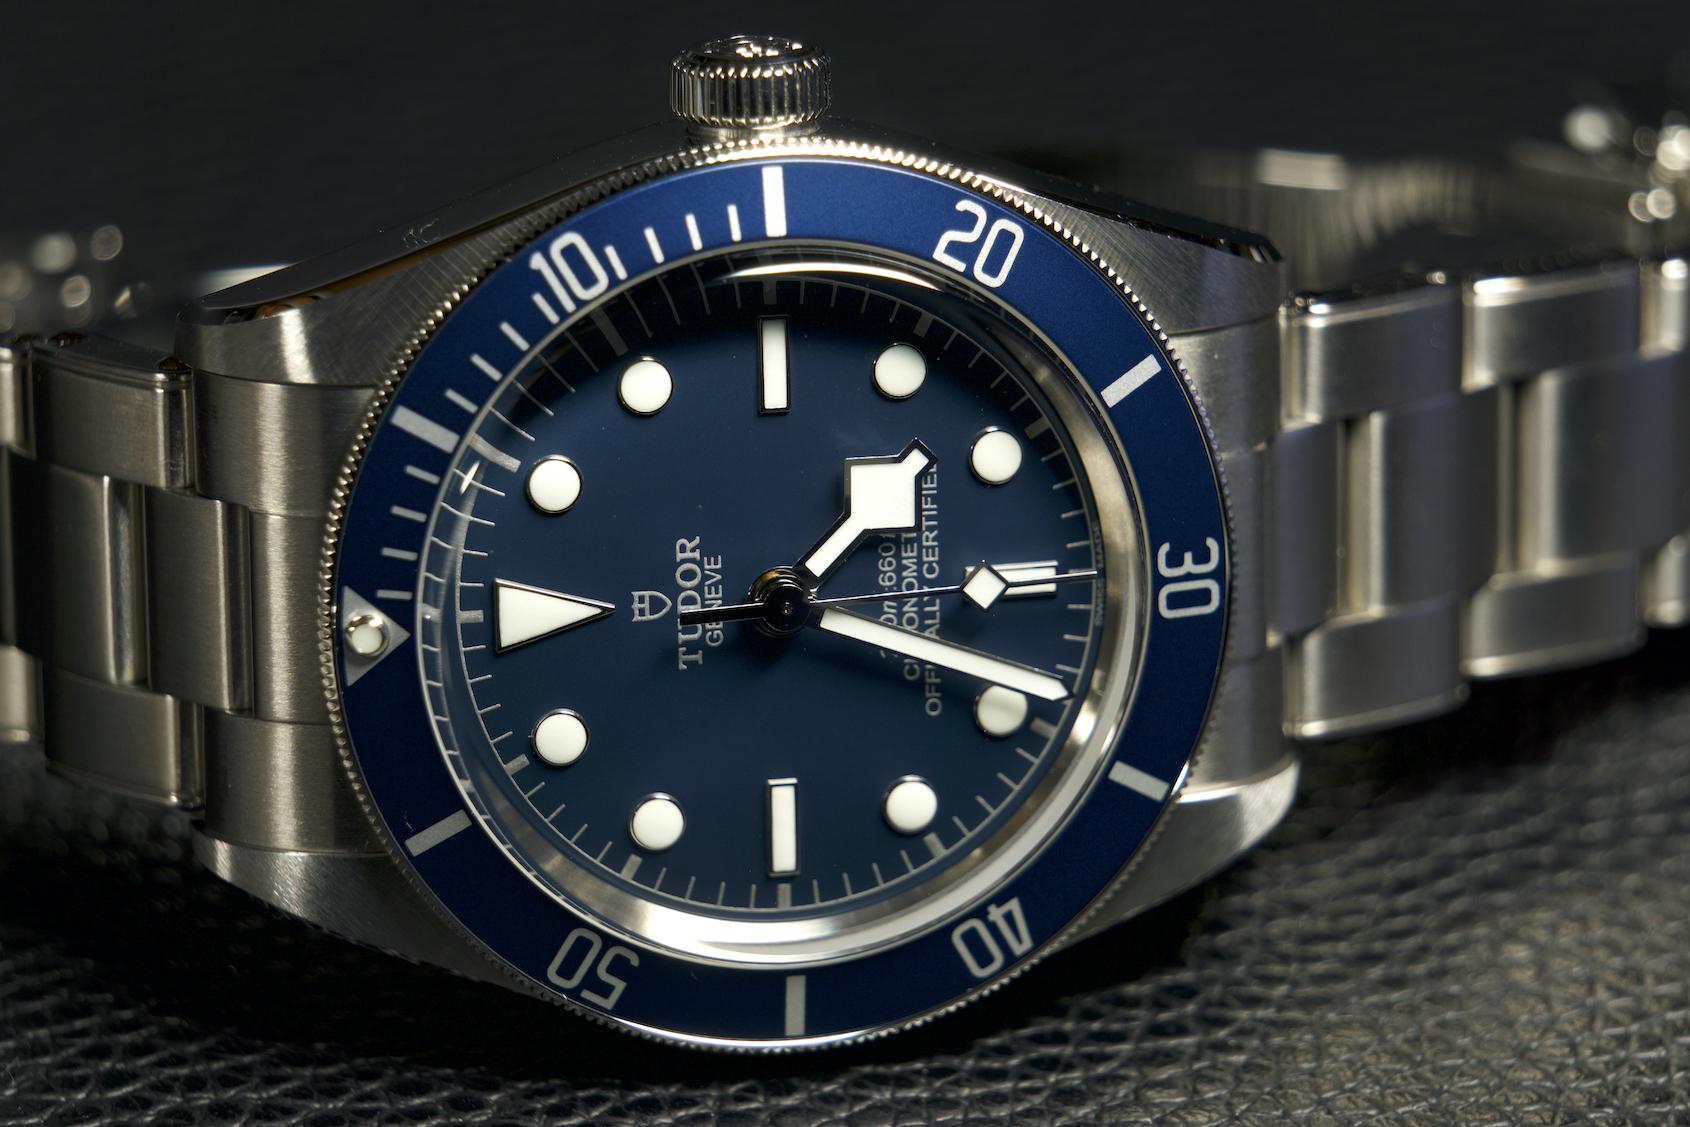 6 Rolex Submariner Alternatives